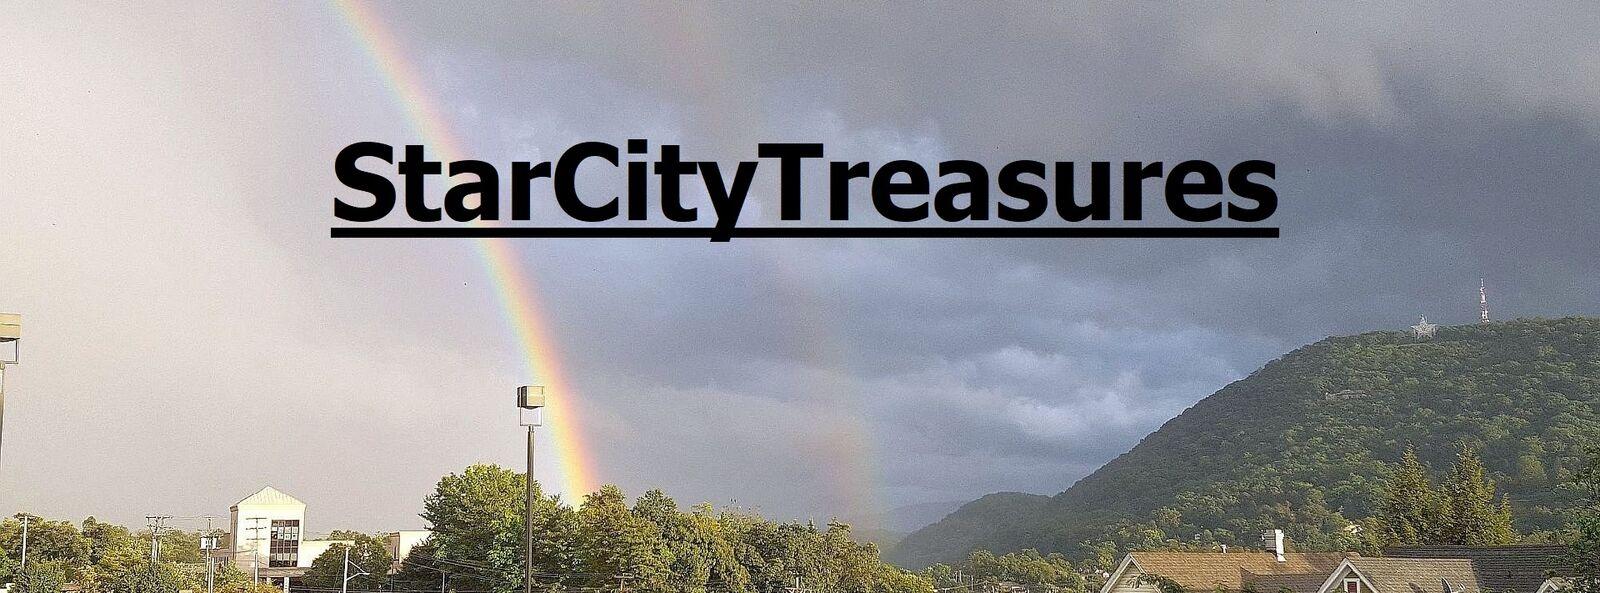 Starcitytreasures